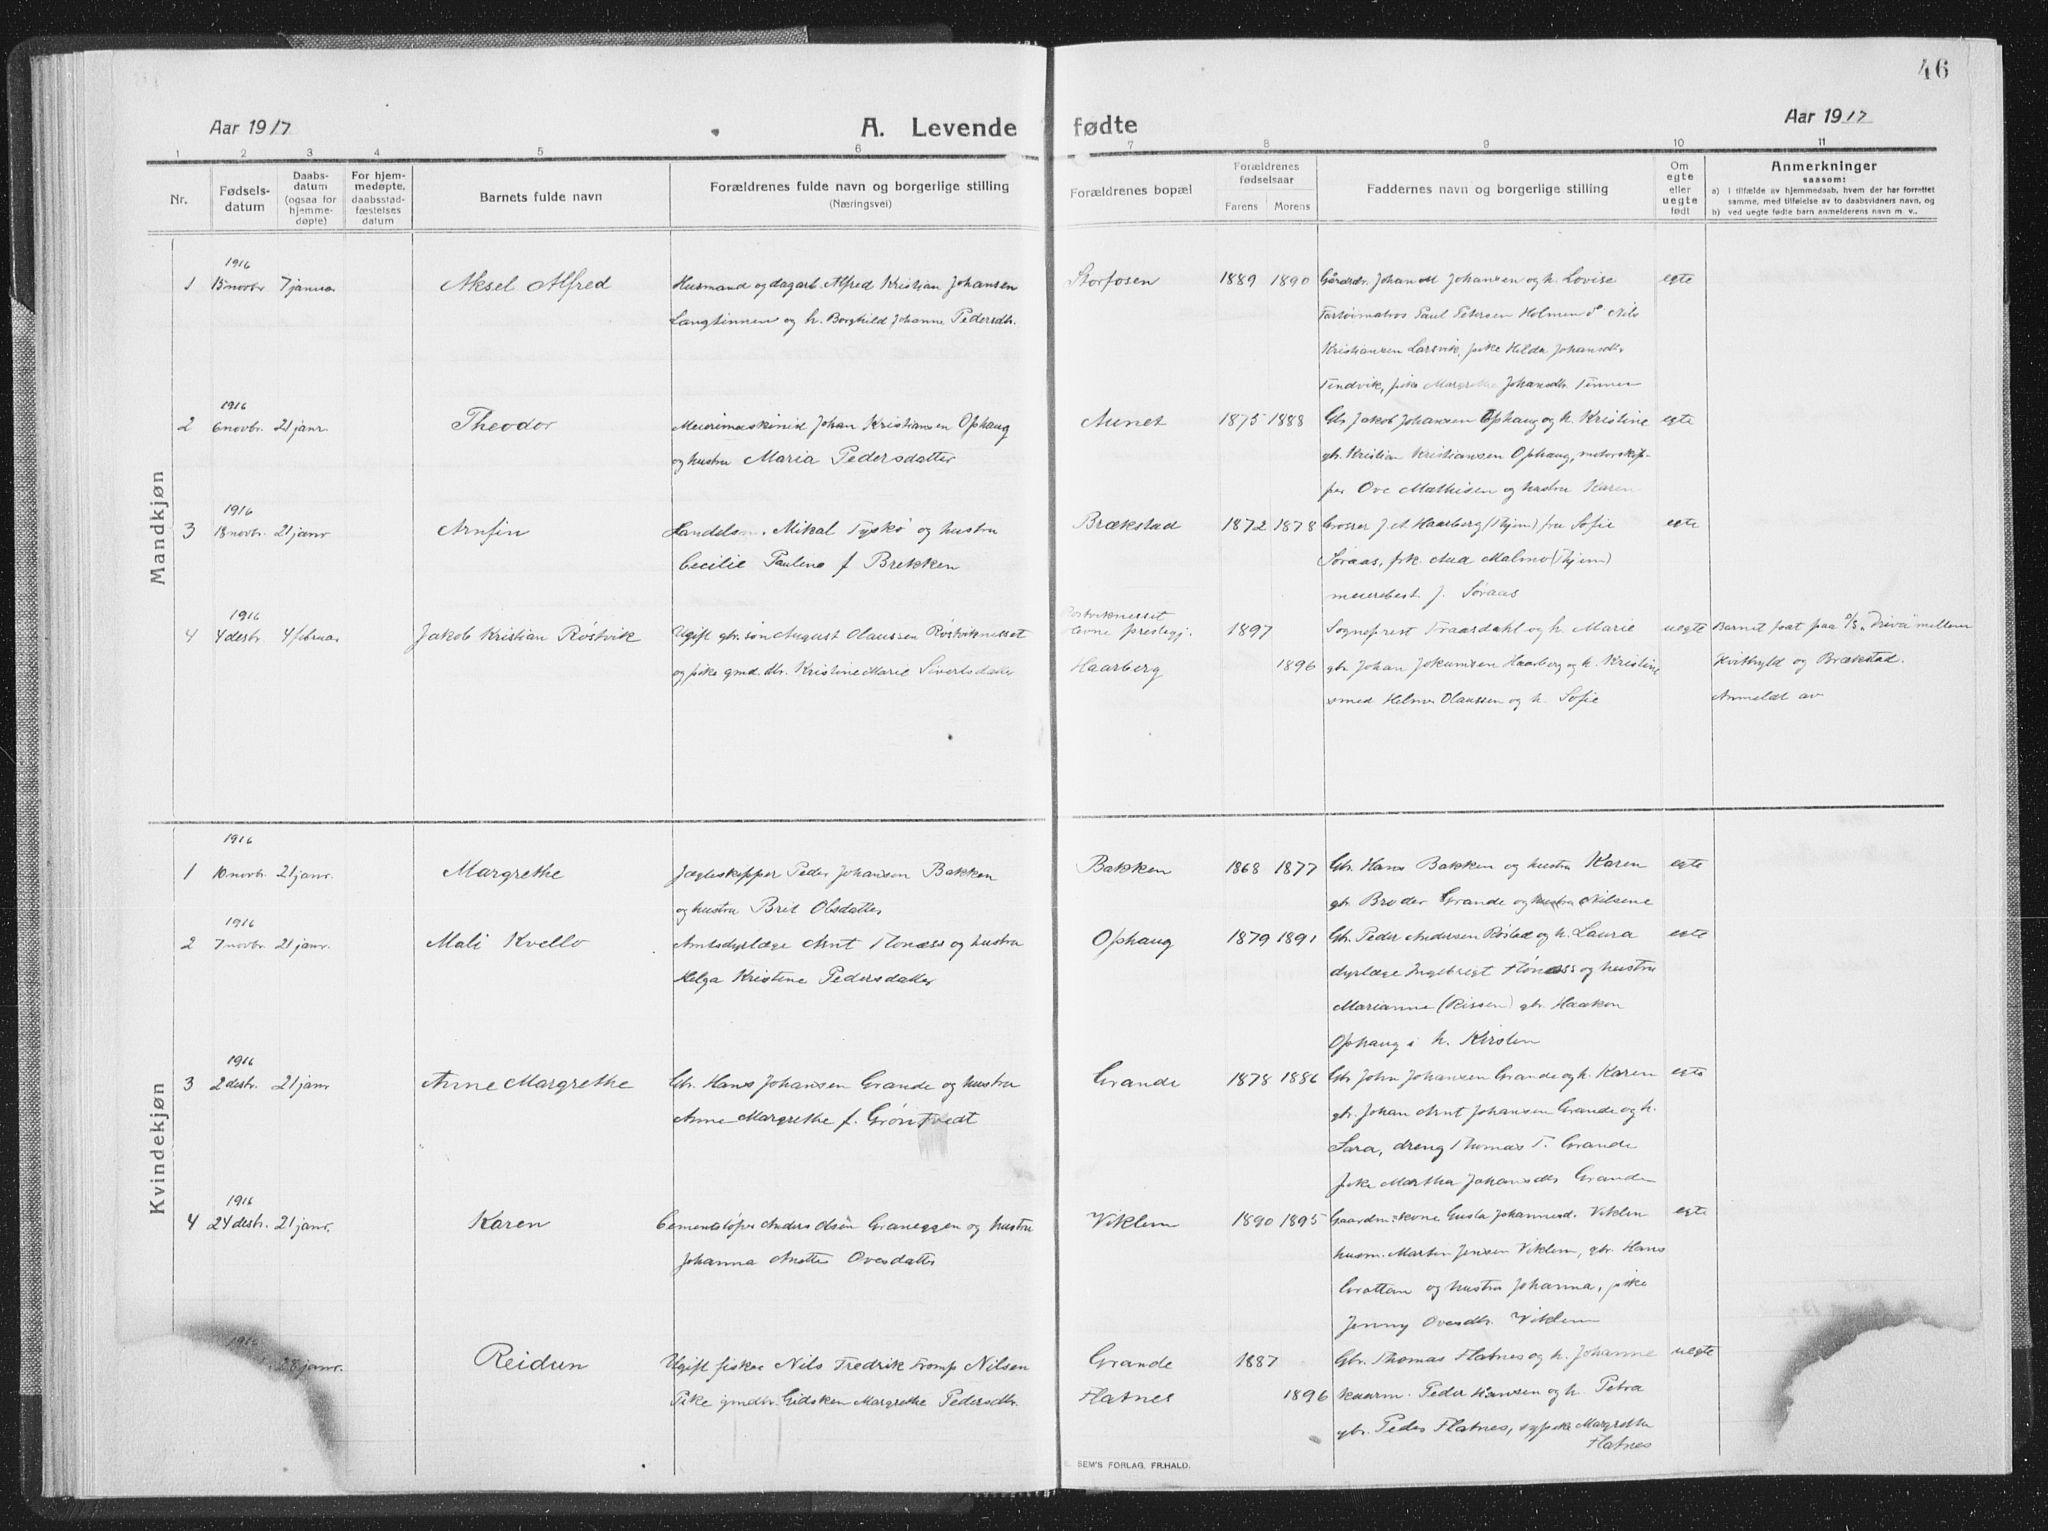 SAT, Ministerialprotokoller, klokkerbøker og fødselsregistre - Sør-Trøndelag, 659/L0747: Klokkerbok nr. 659C04, 1913-1938, s. 46